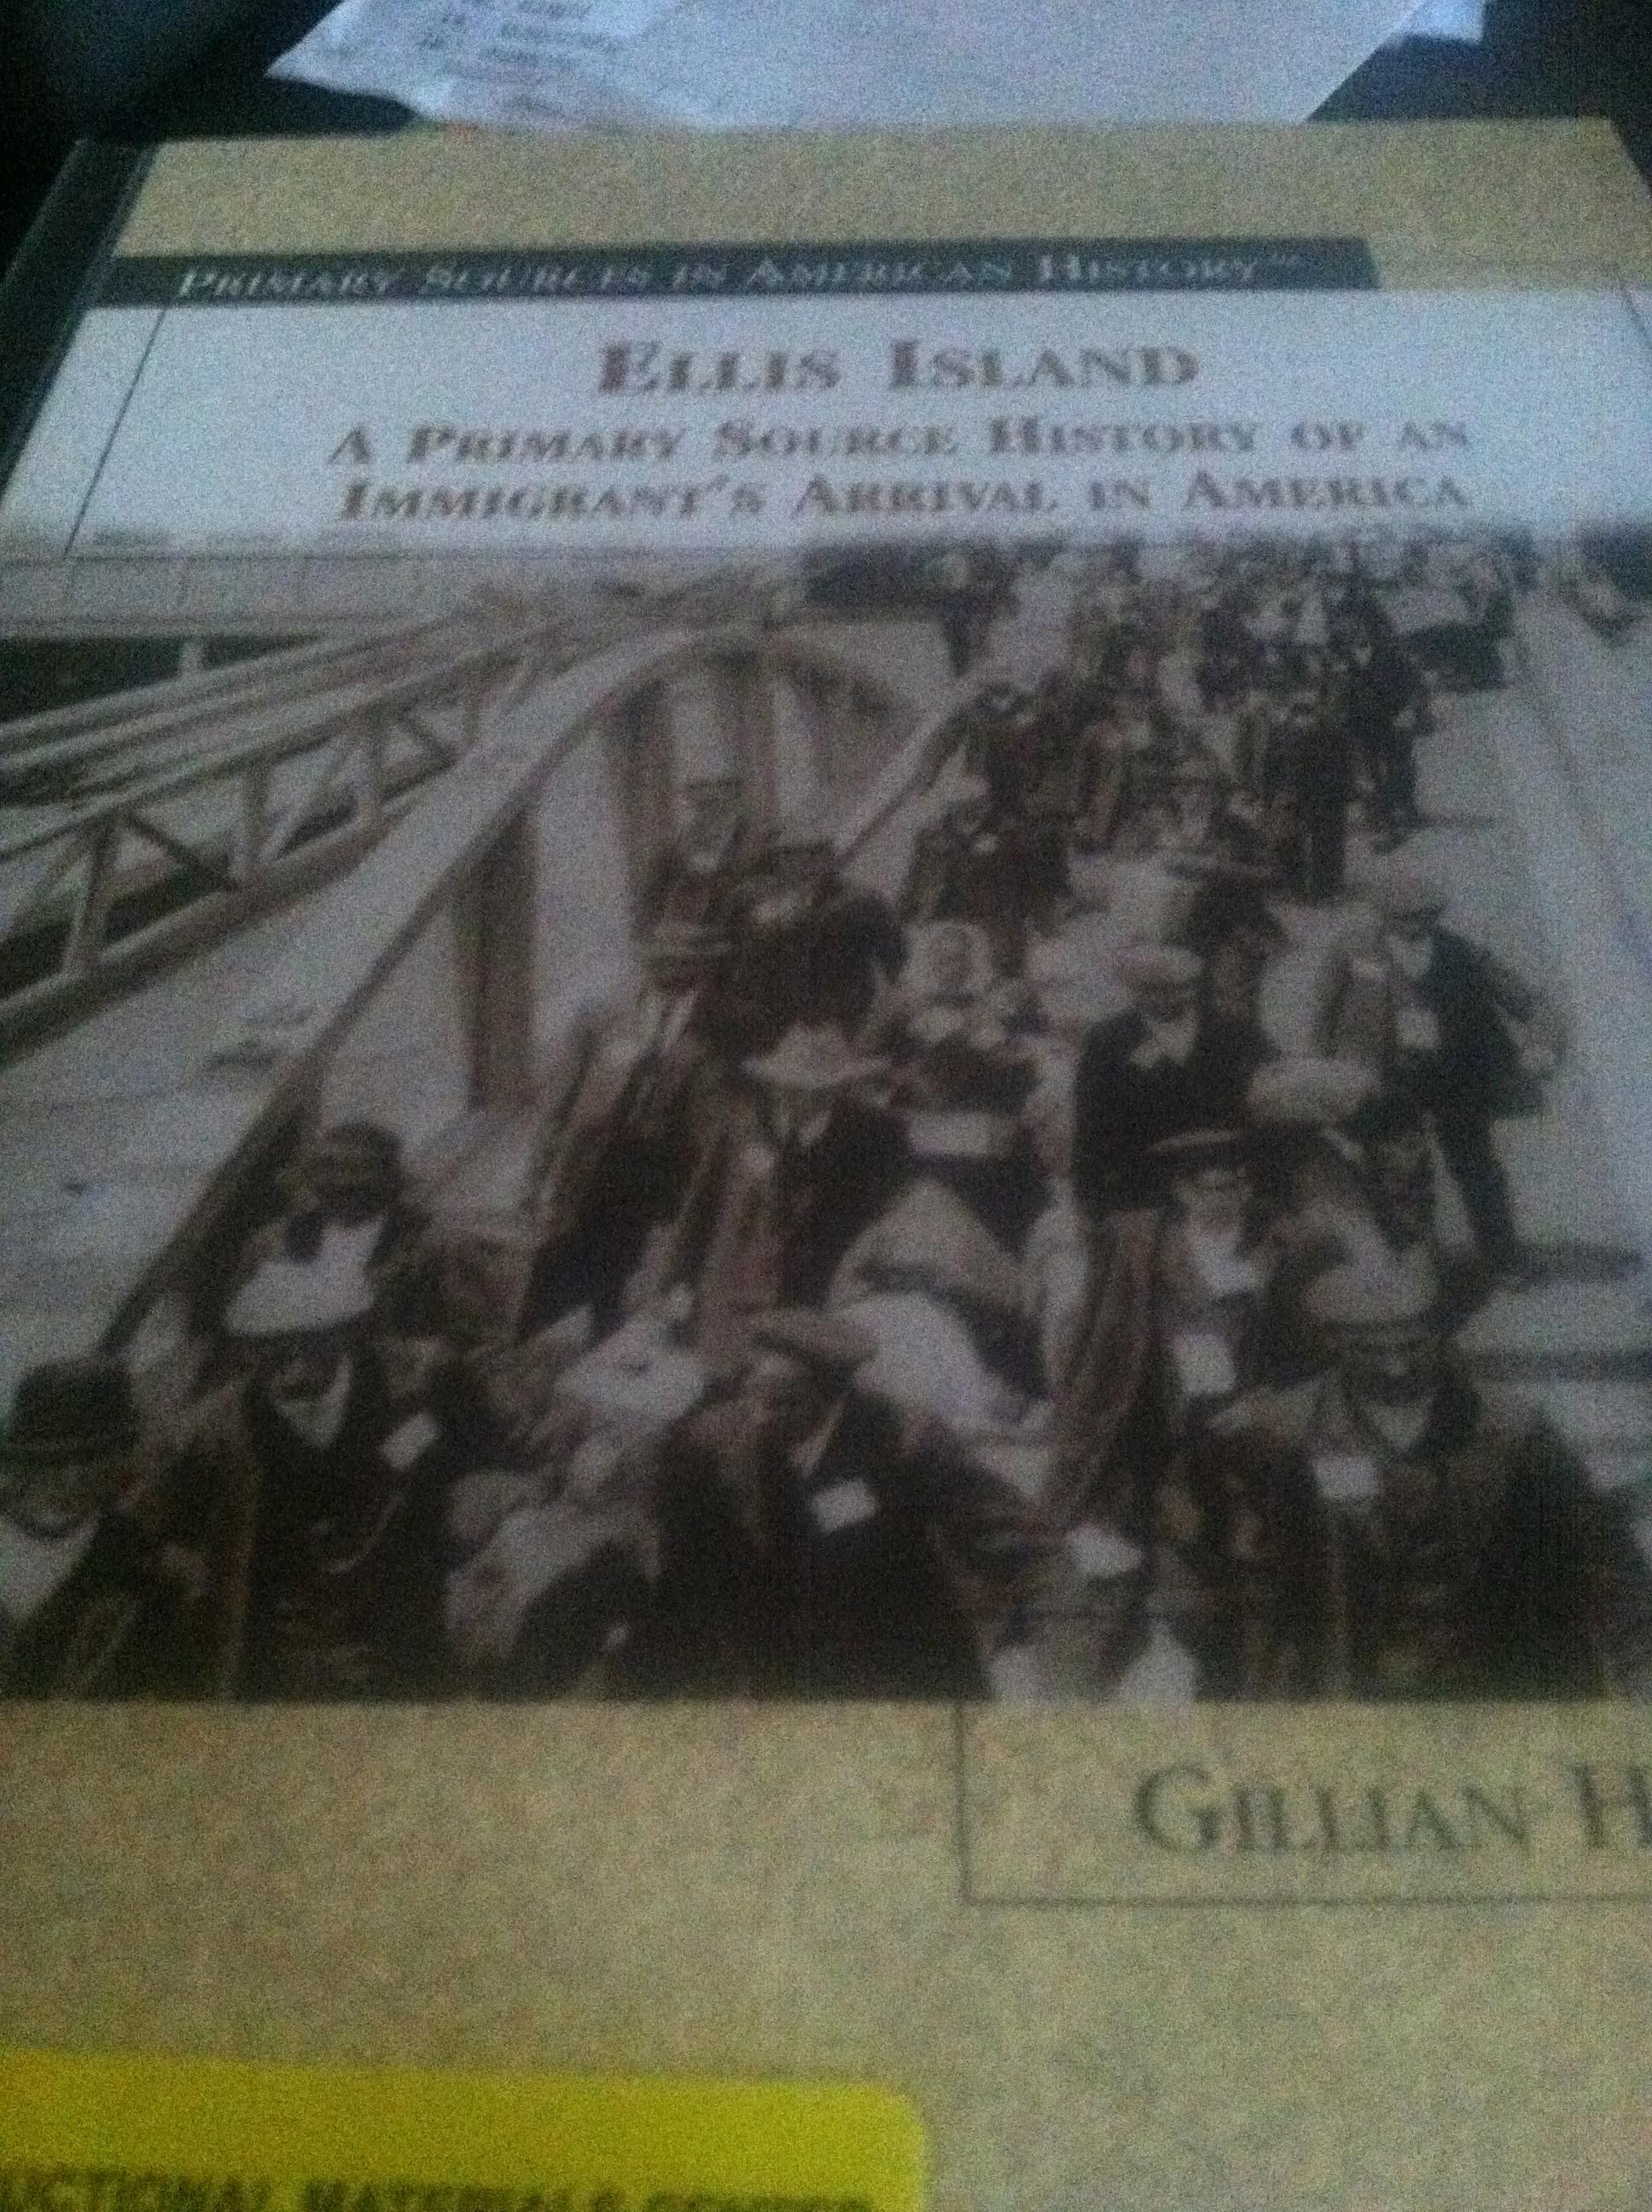 Ellis Island Amp Immigration